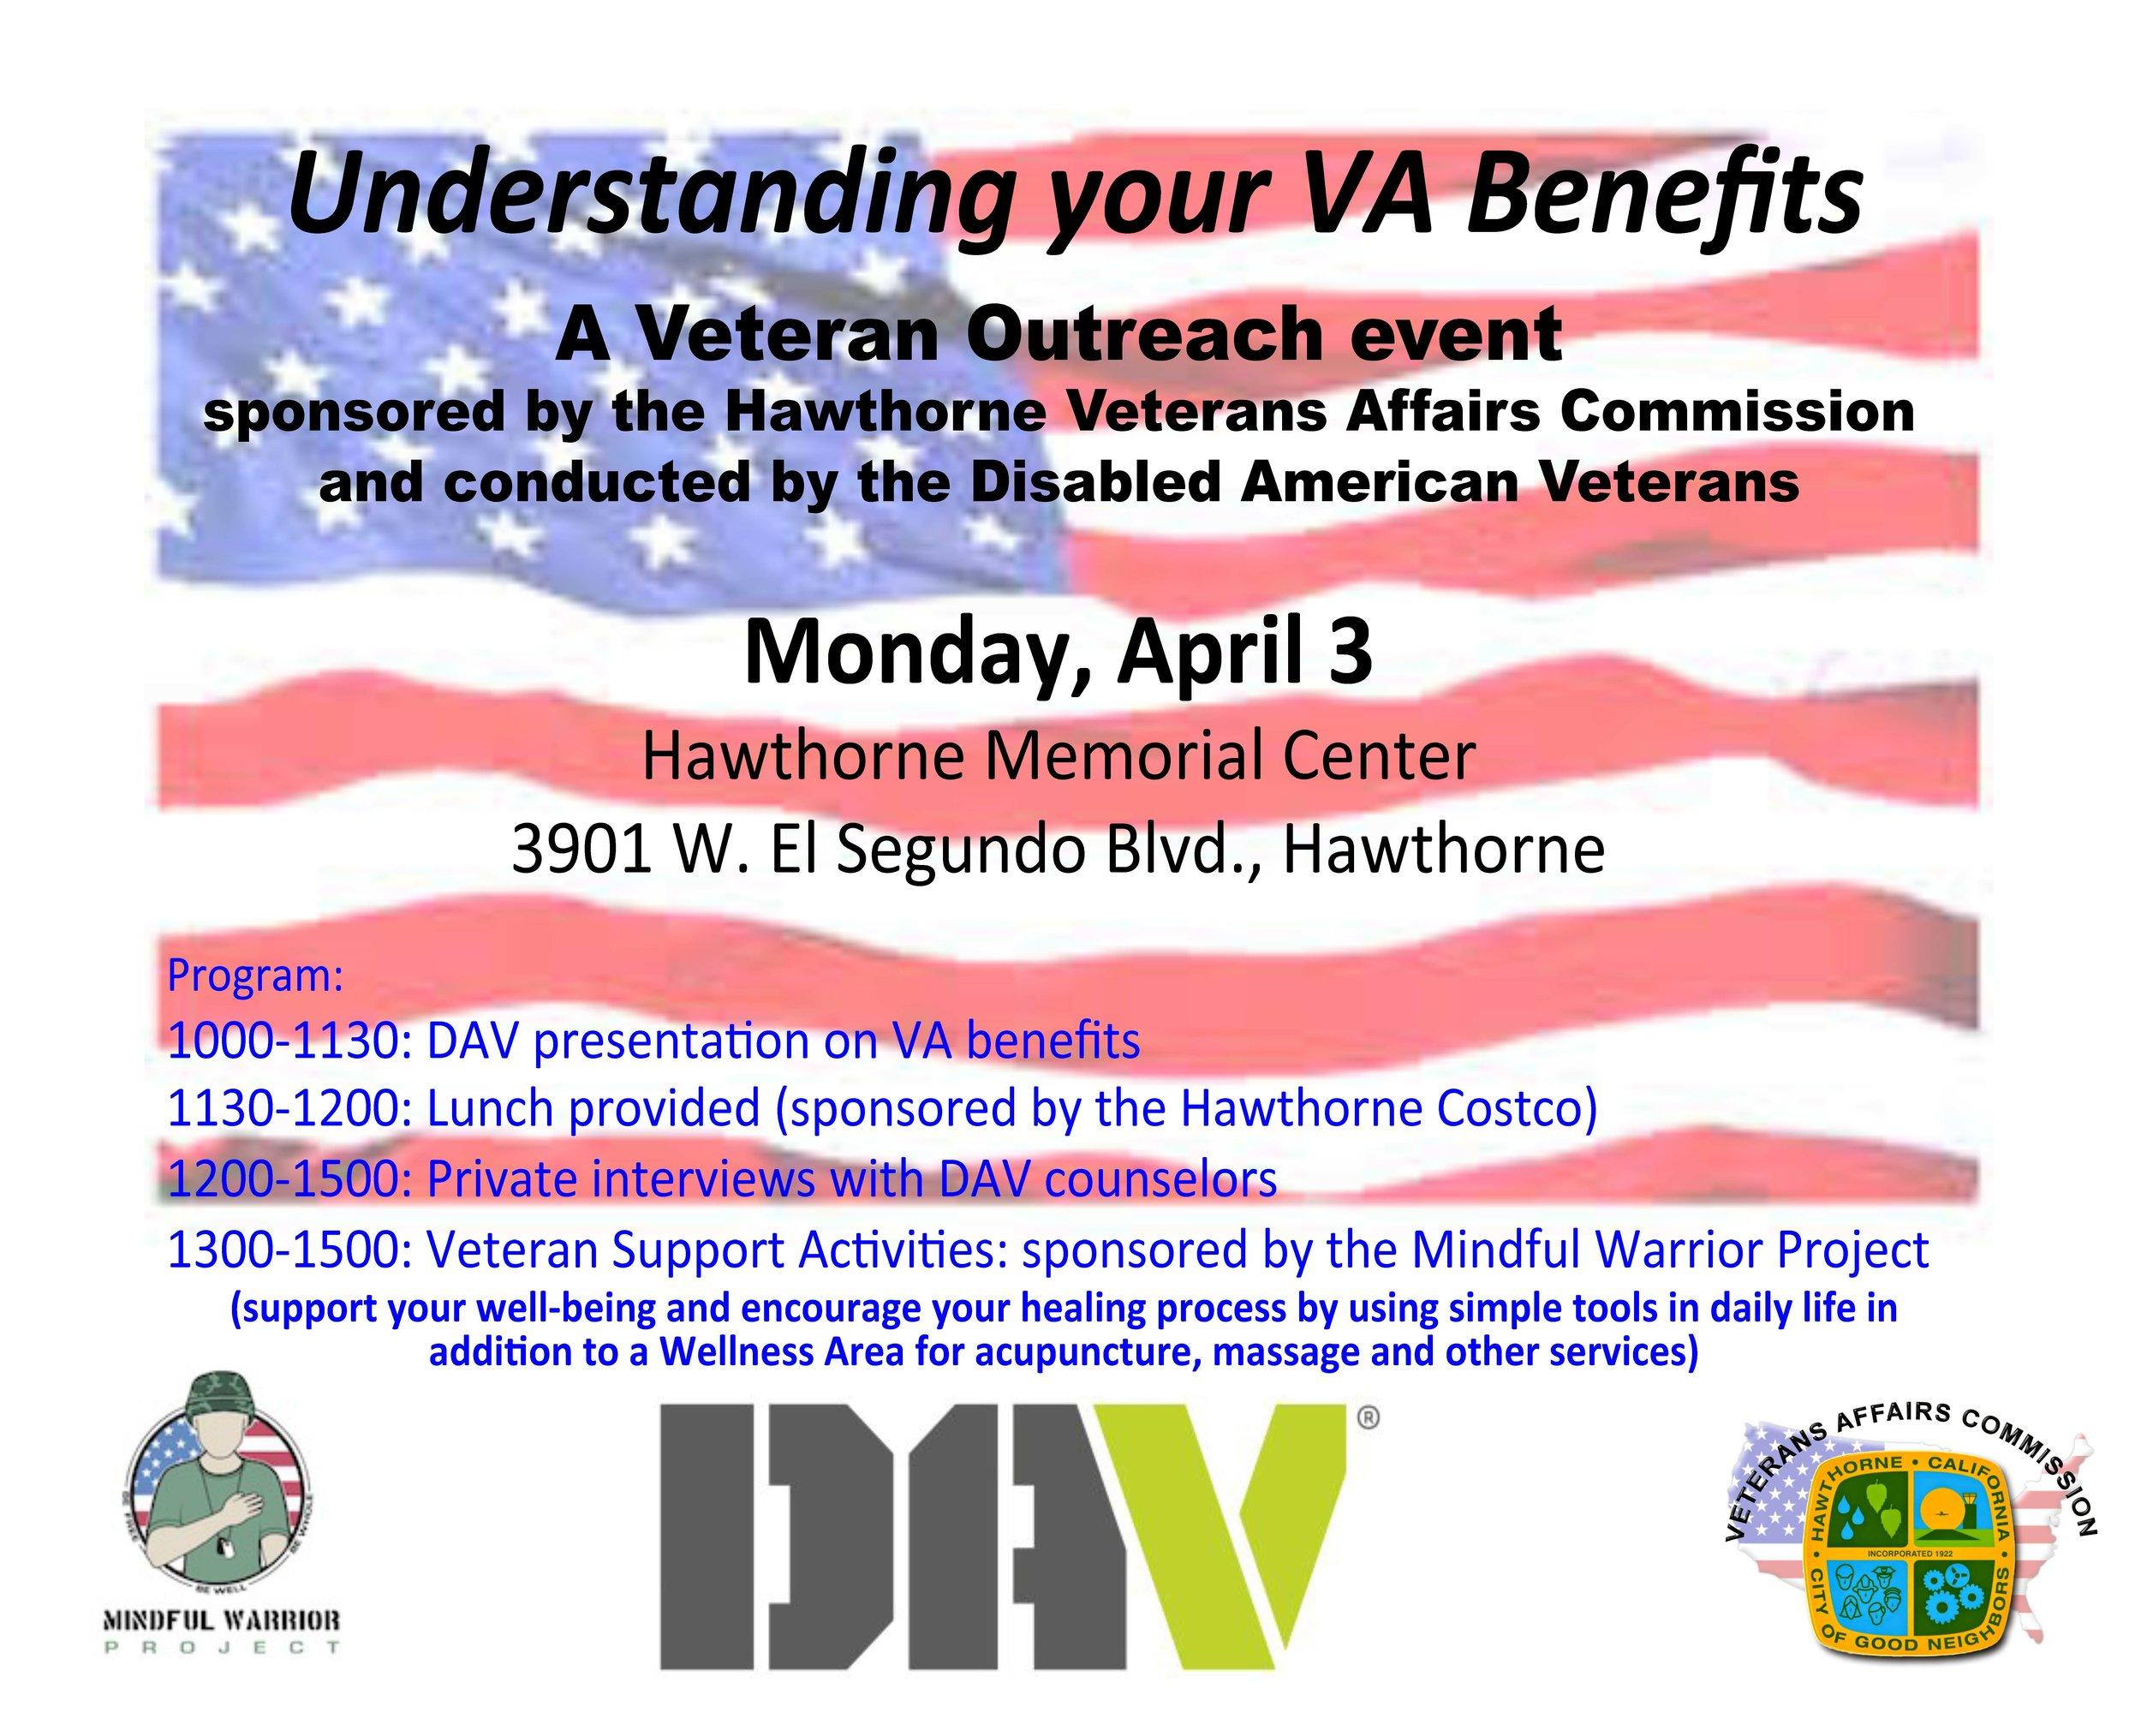 Understanding Your VA Benefits Event